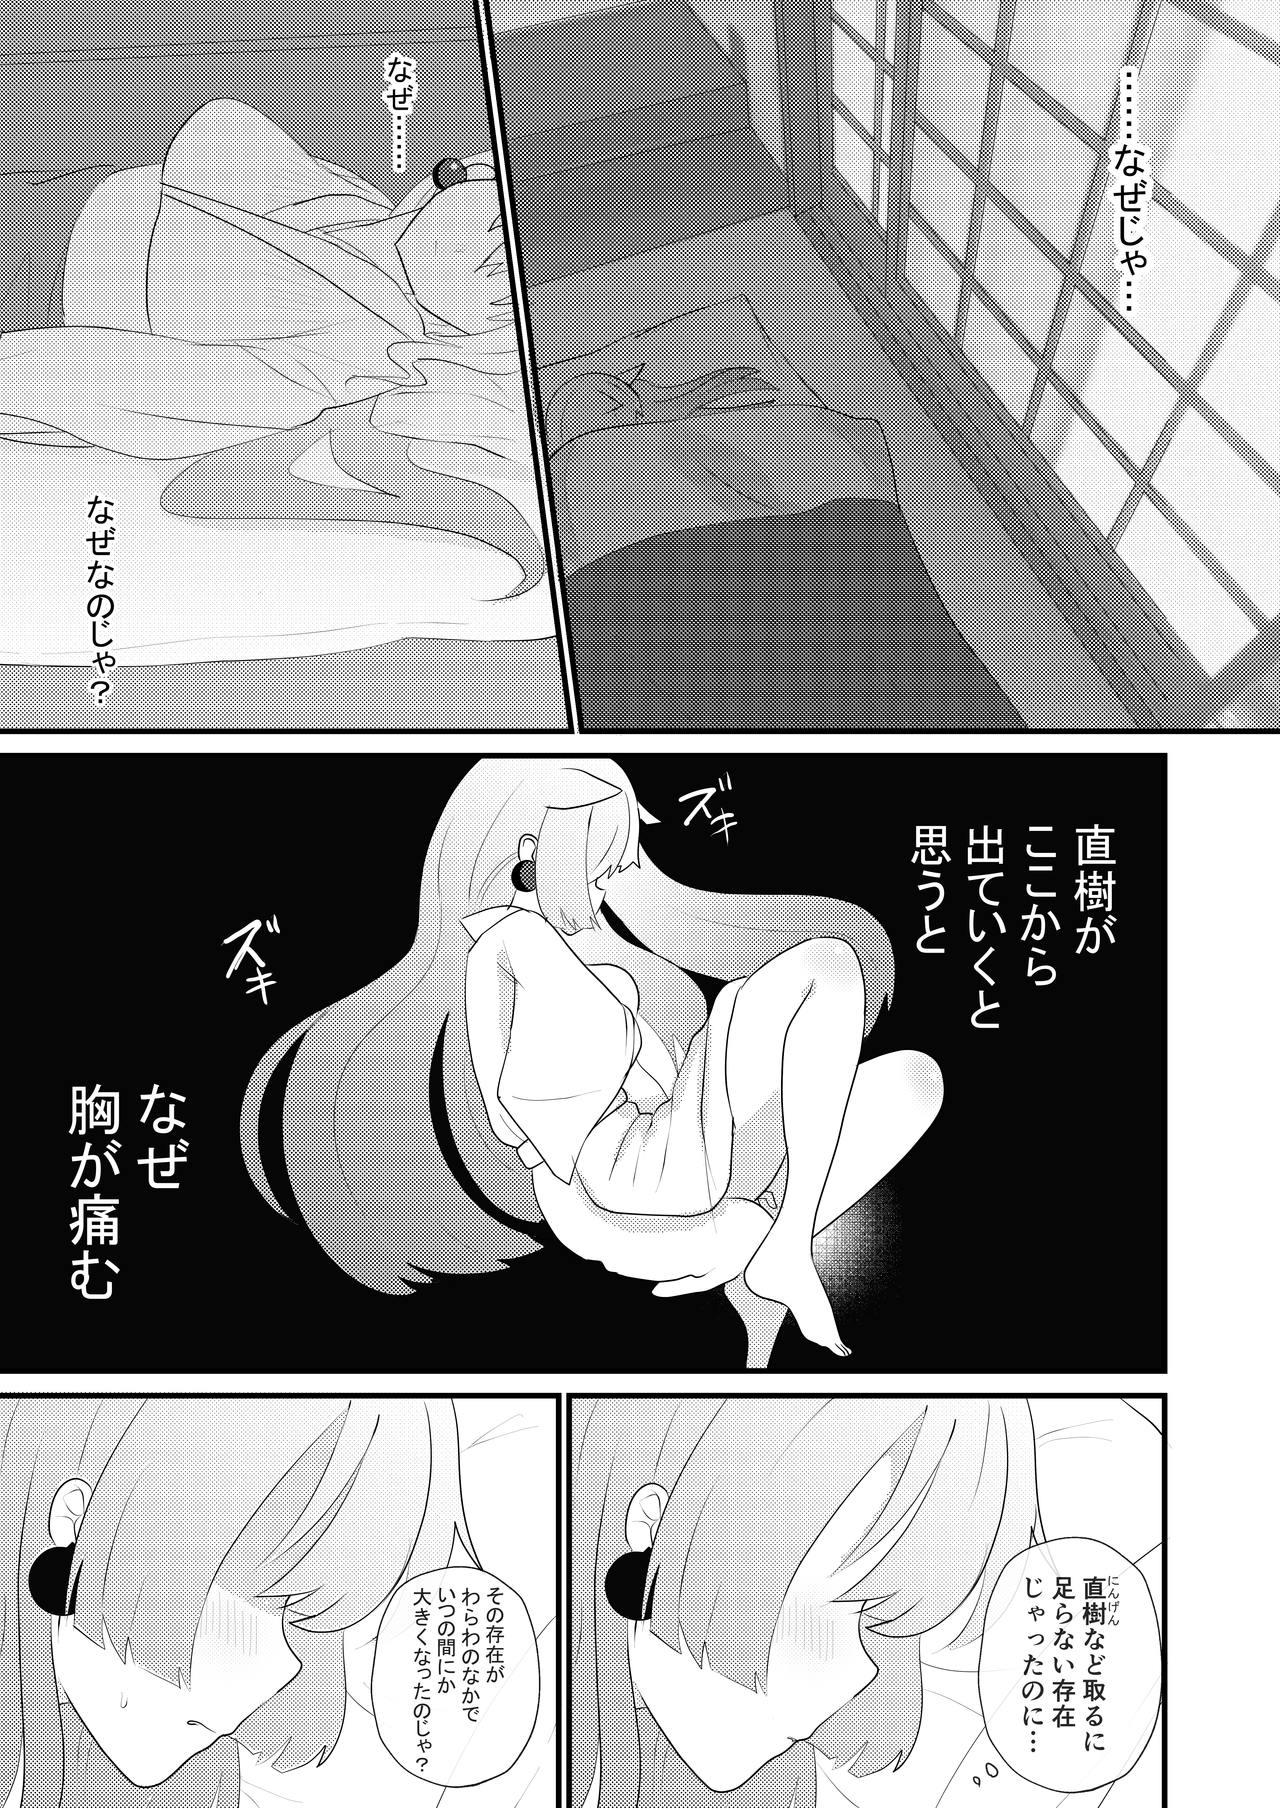 Uchi no Yashinaigo ga H ni Seichou shisugite Komattemasu 8